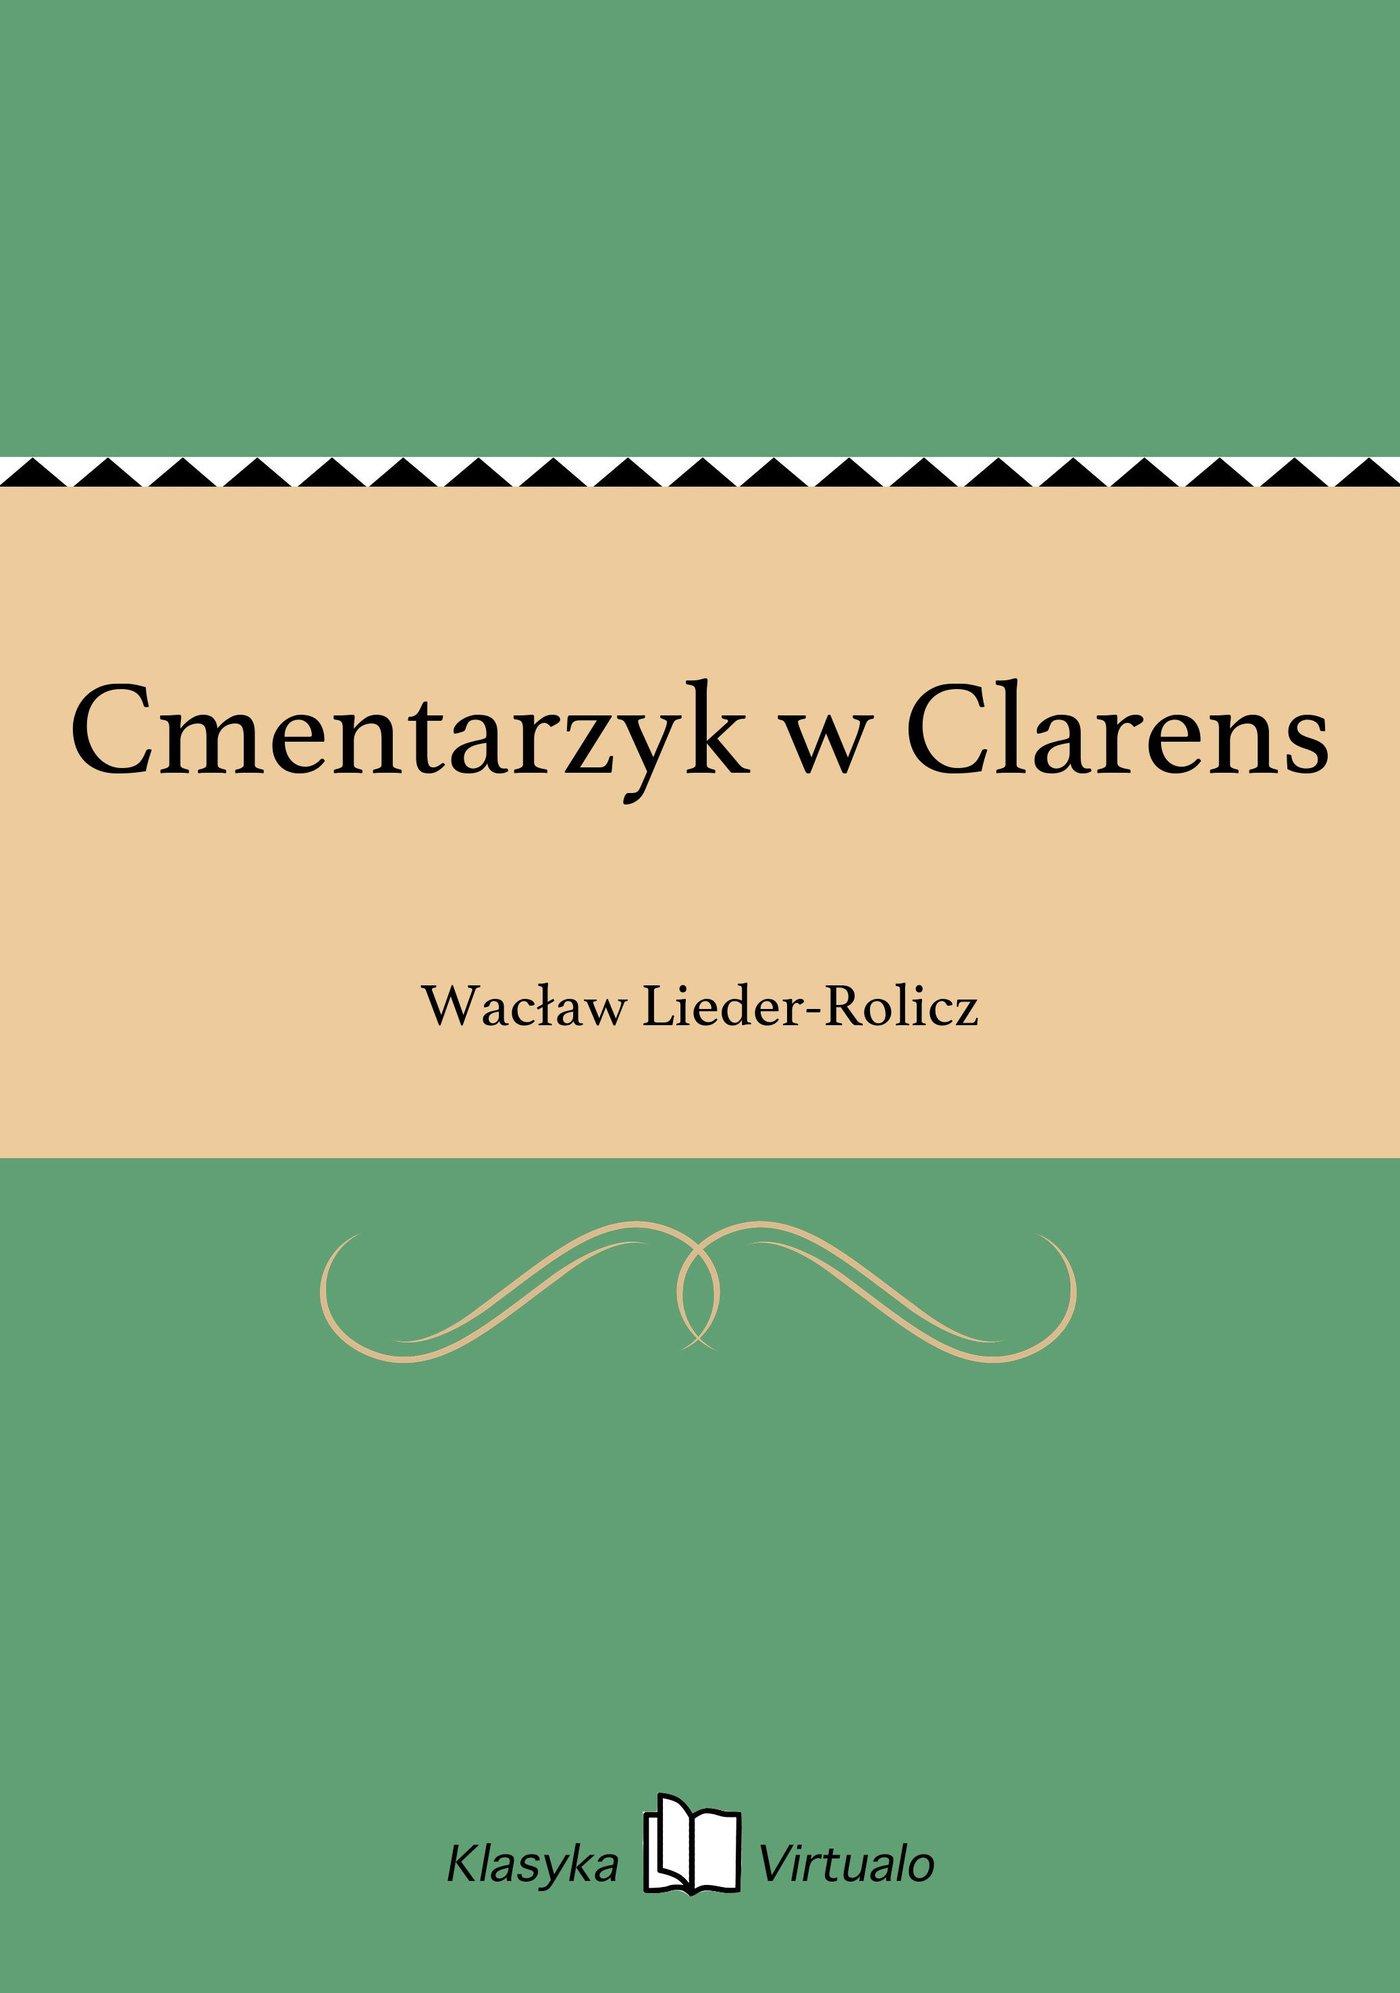 Cmentarzyk w Clarens - Ebook (Książka EPUB) do pobrania w formacie EPUB